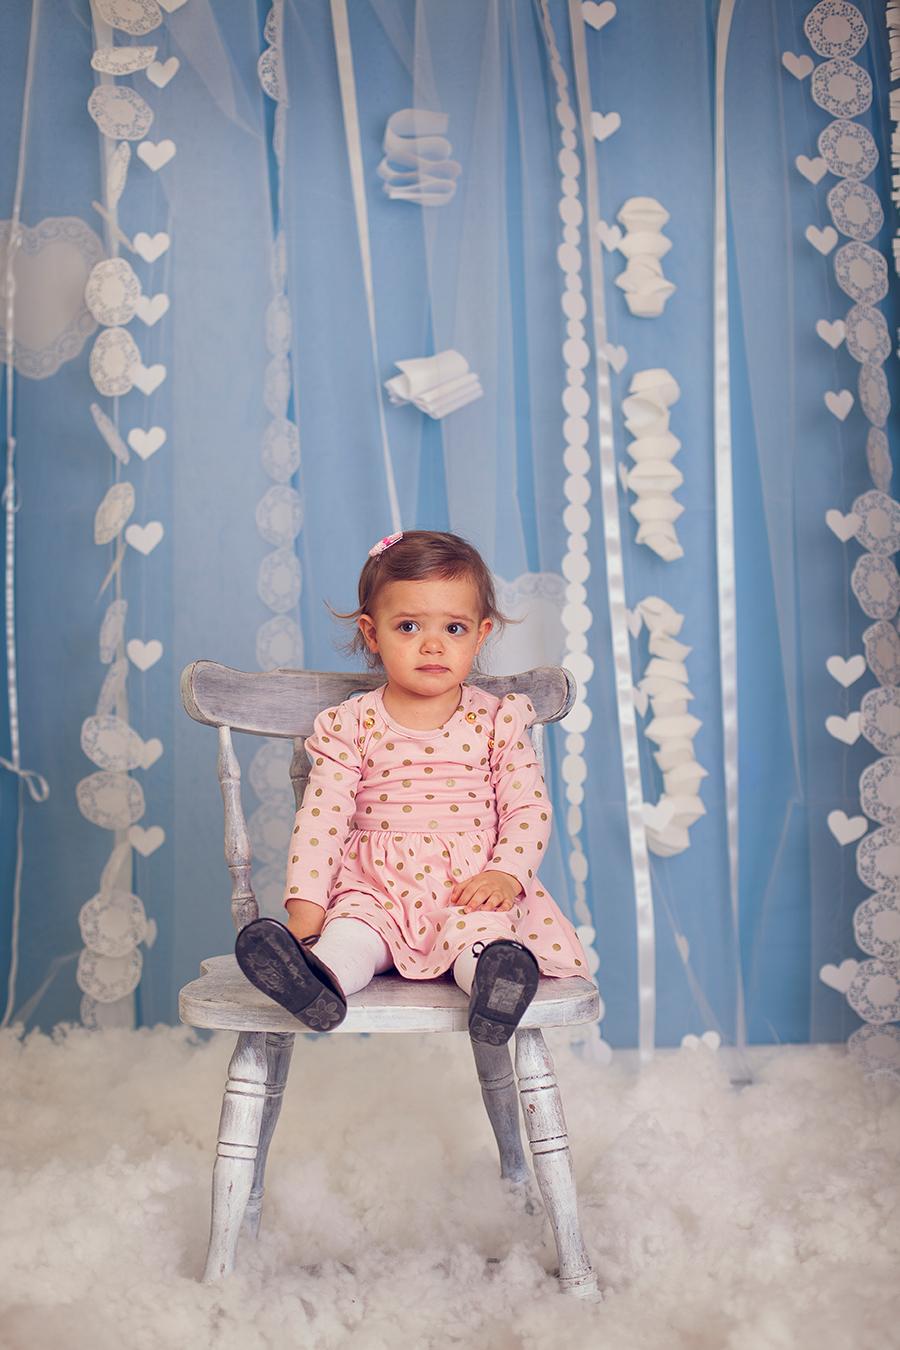 Детска фотосесия на Стефани при фотограф Олга Ташева. Фото студио Варна. Детска, бебешка и семейна фотография - 15527